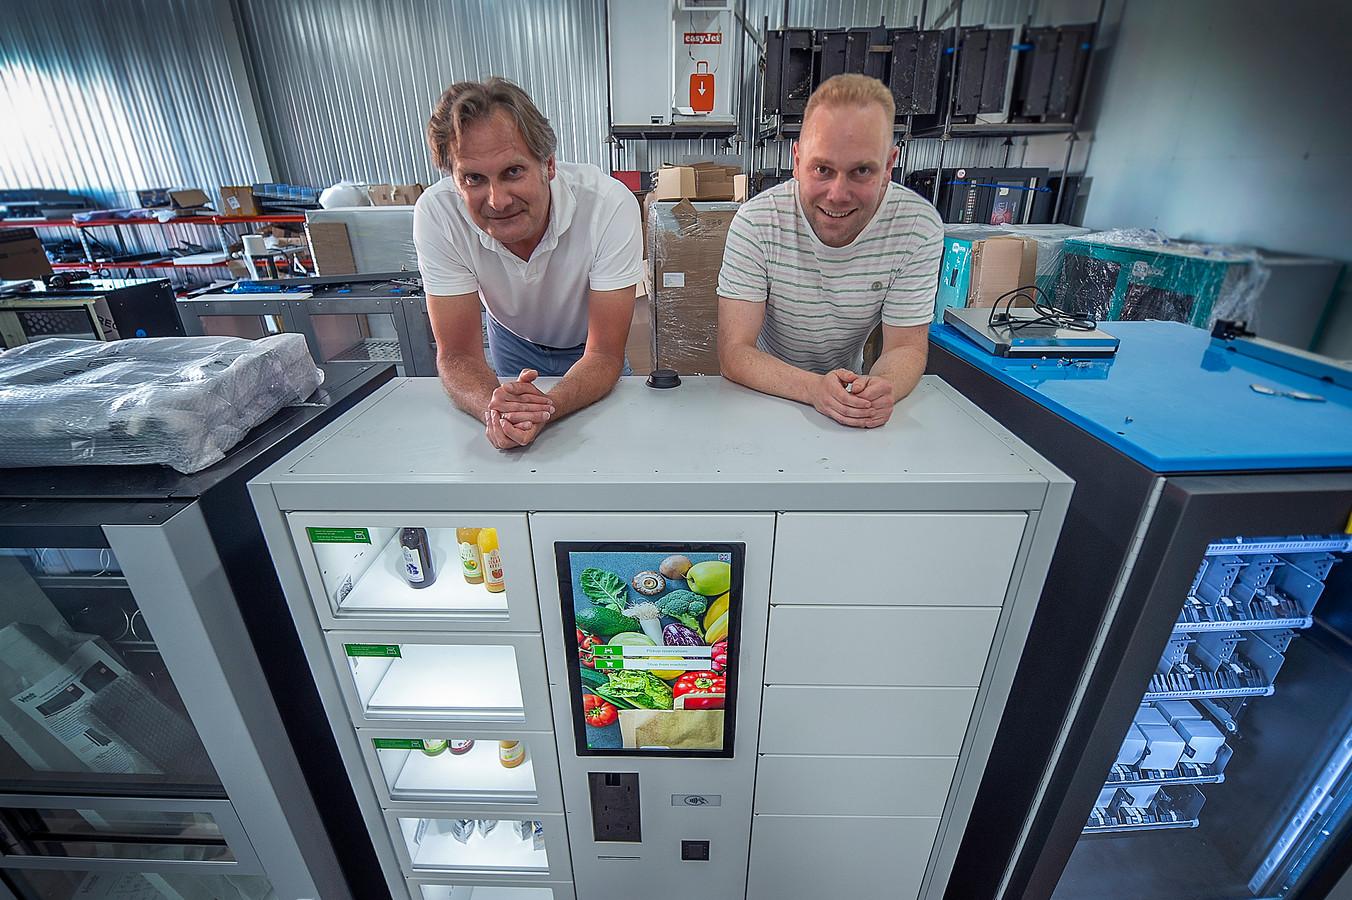 Sander Sciarone (links) en Frans Vermunt zijn de eigenaren van Innovend, dat automatieken ontwikkelt voor winkels, boerenbedrijven, kantoren en fabrieken.